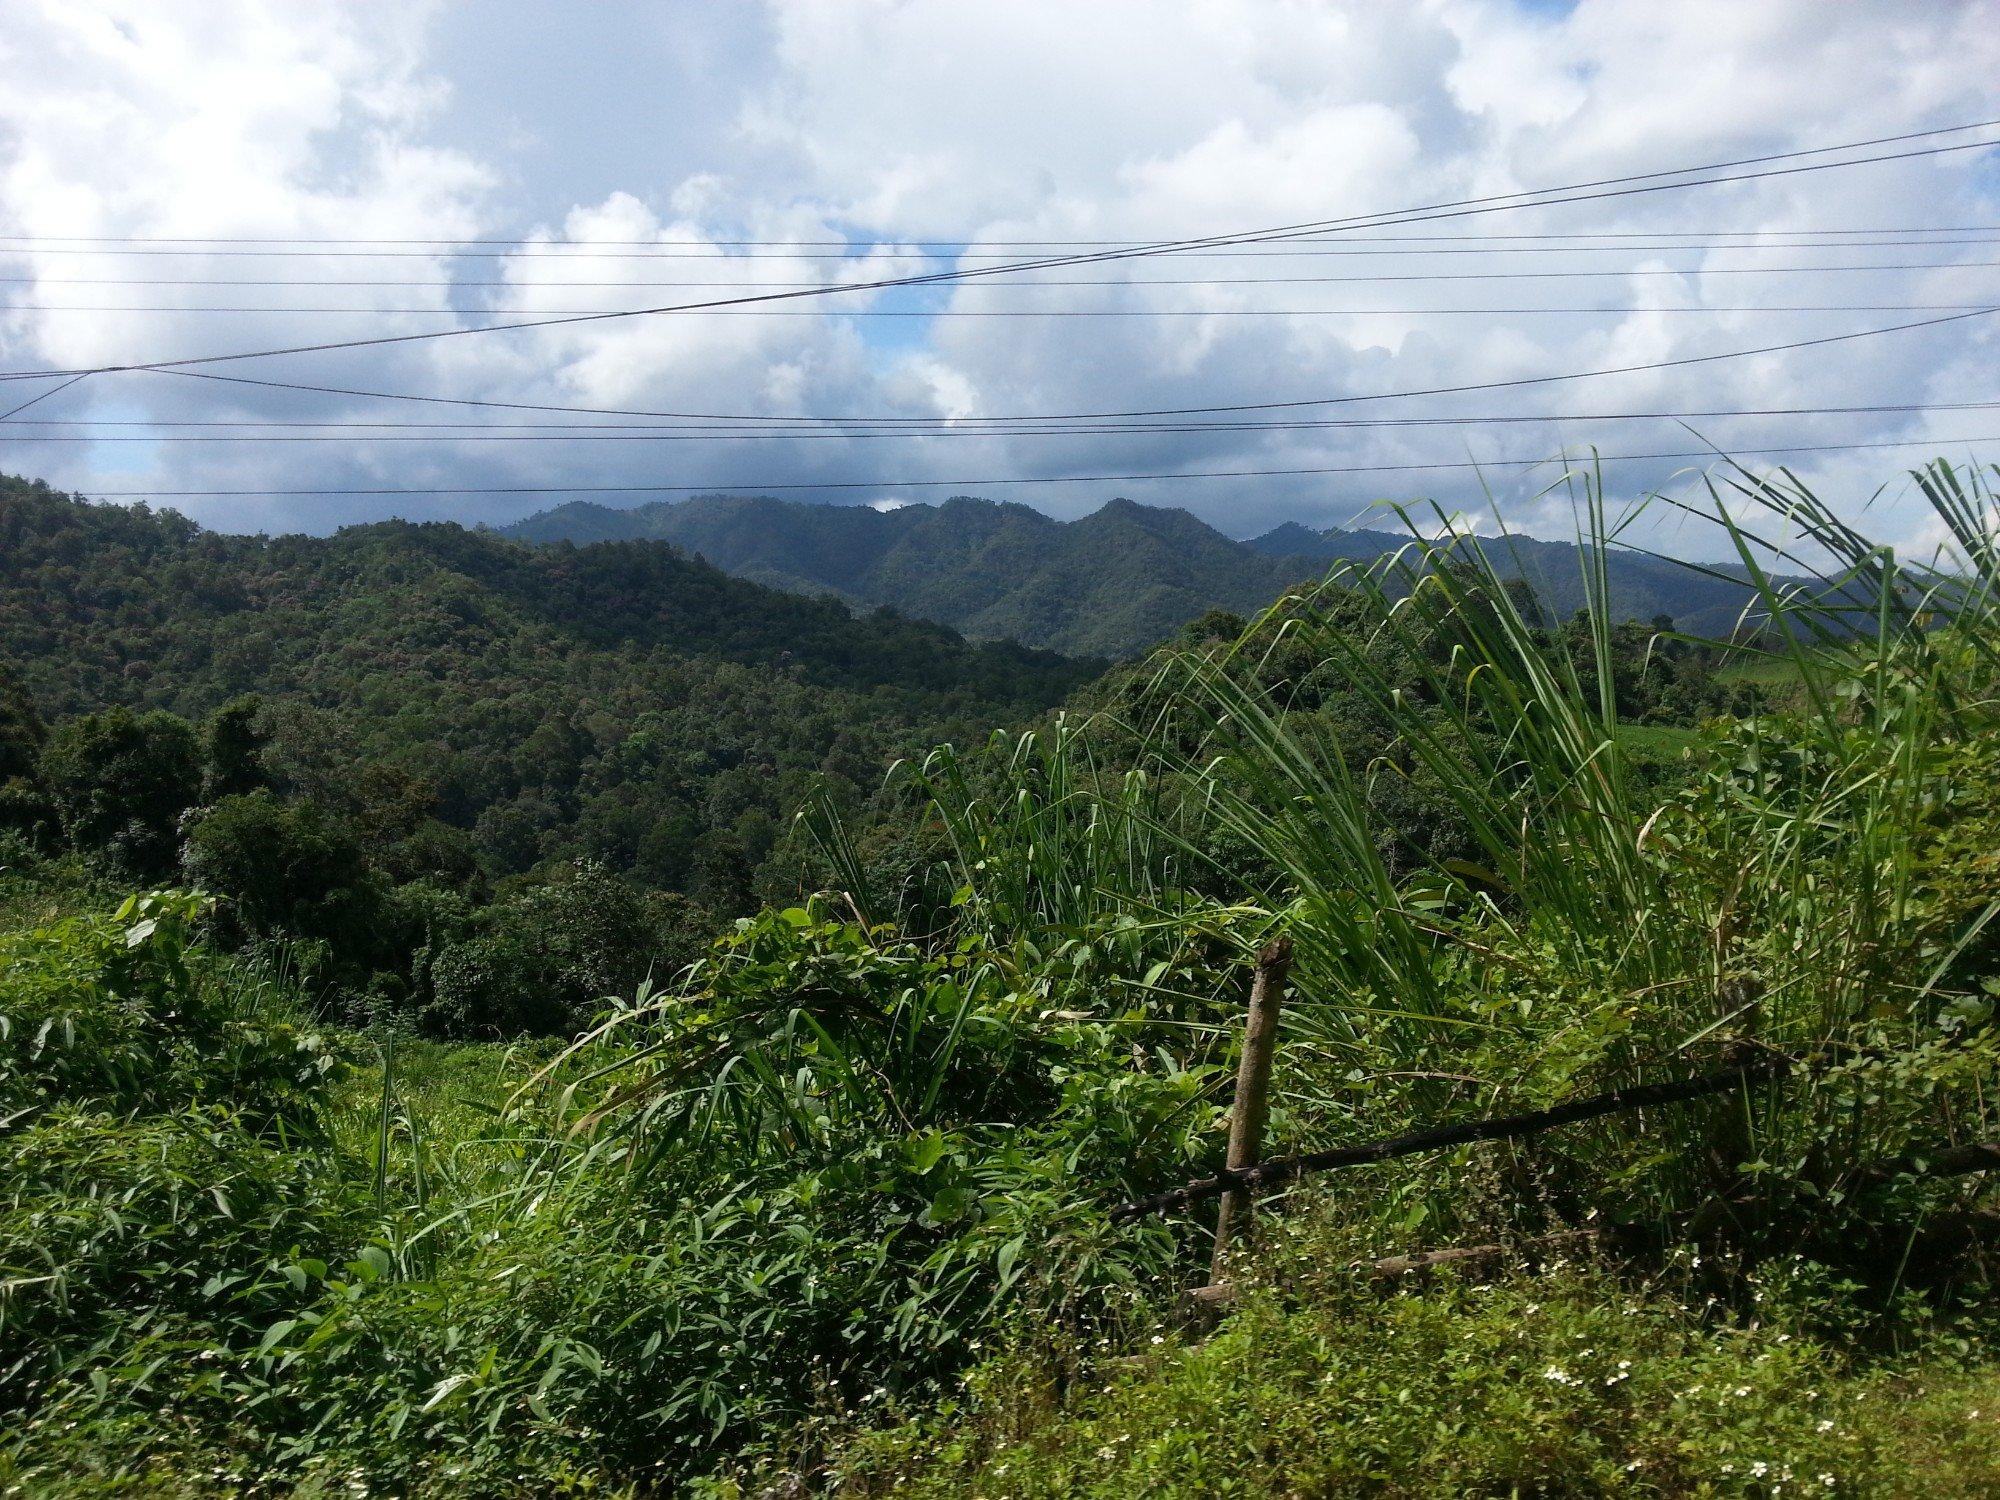 Fantastic scenery on route to Phonsavan